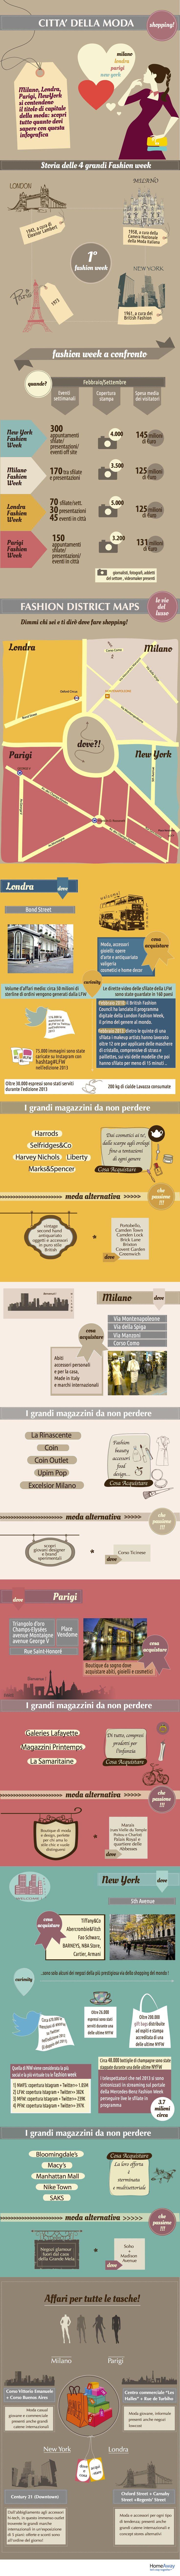 Città della moda e fashion week: tanti consigli e curiosità nella nostra infografica!